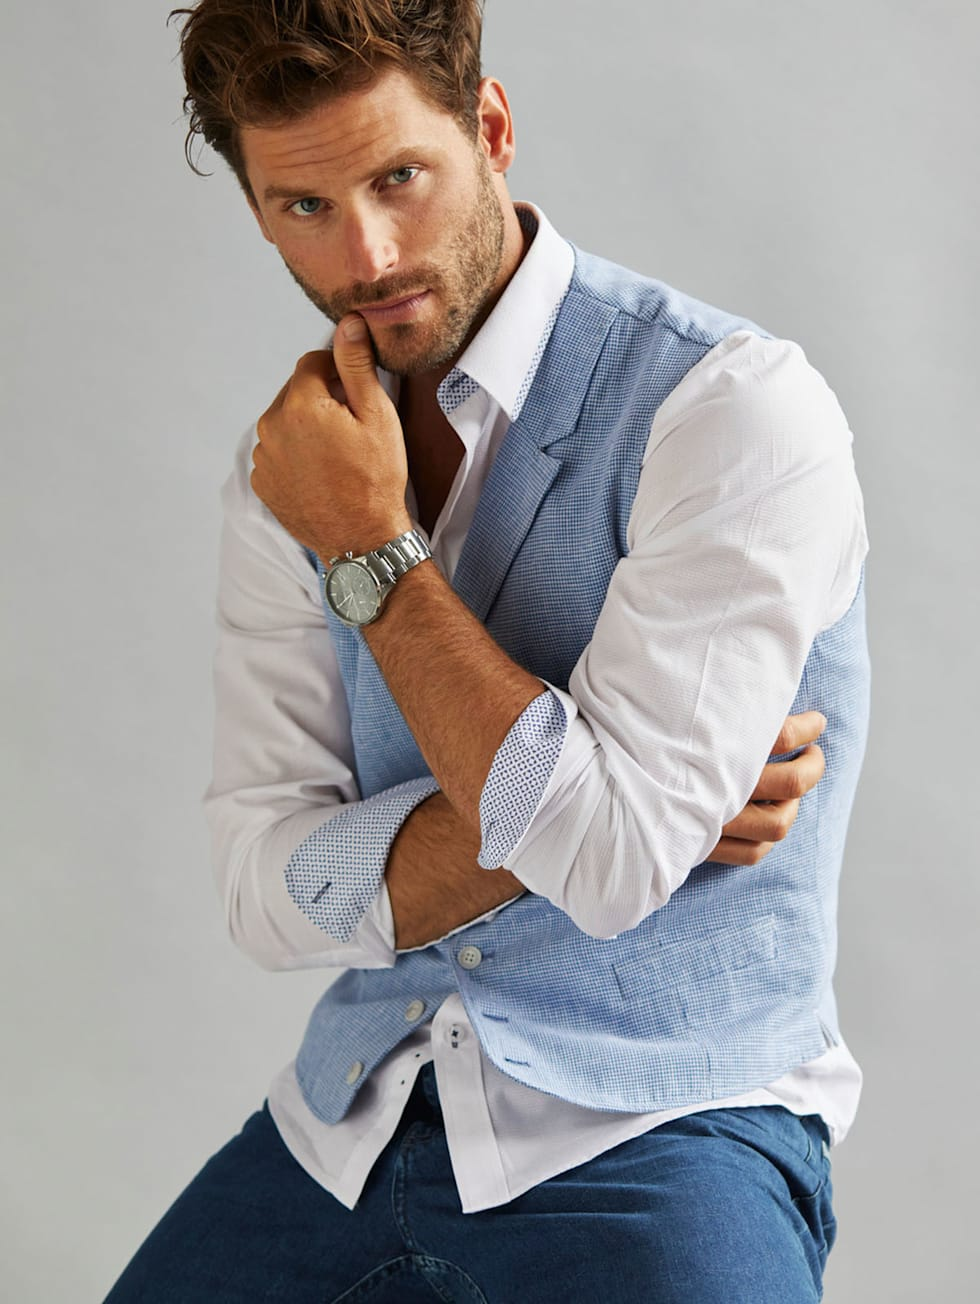 Casual-Outfit: Weißes Hemd und blaue Jeans mit It-Piece - blaue Weste